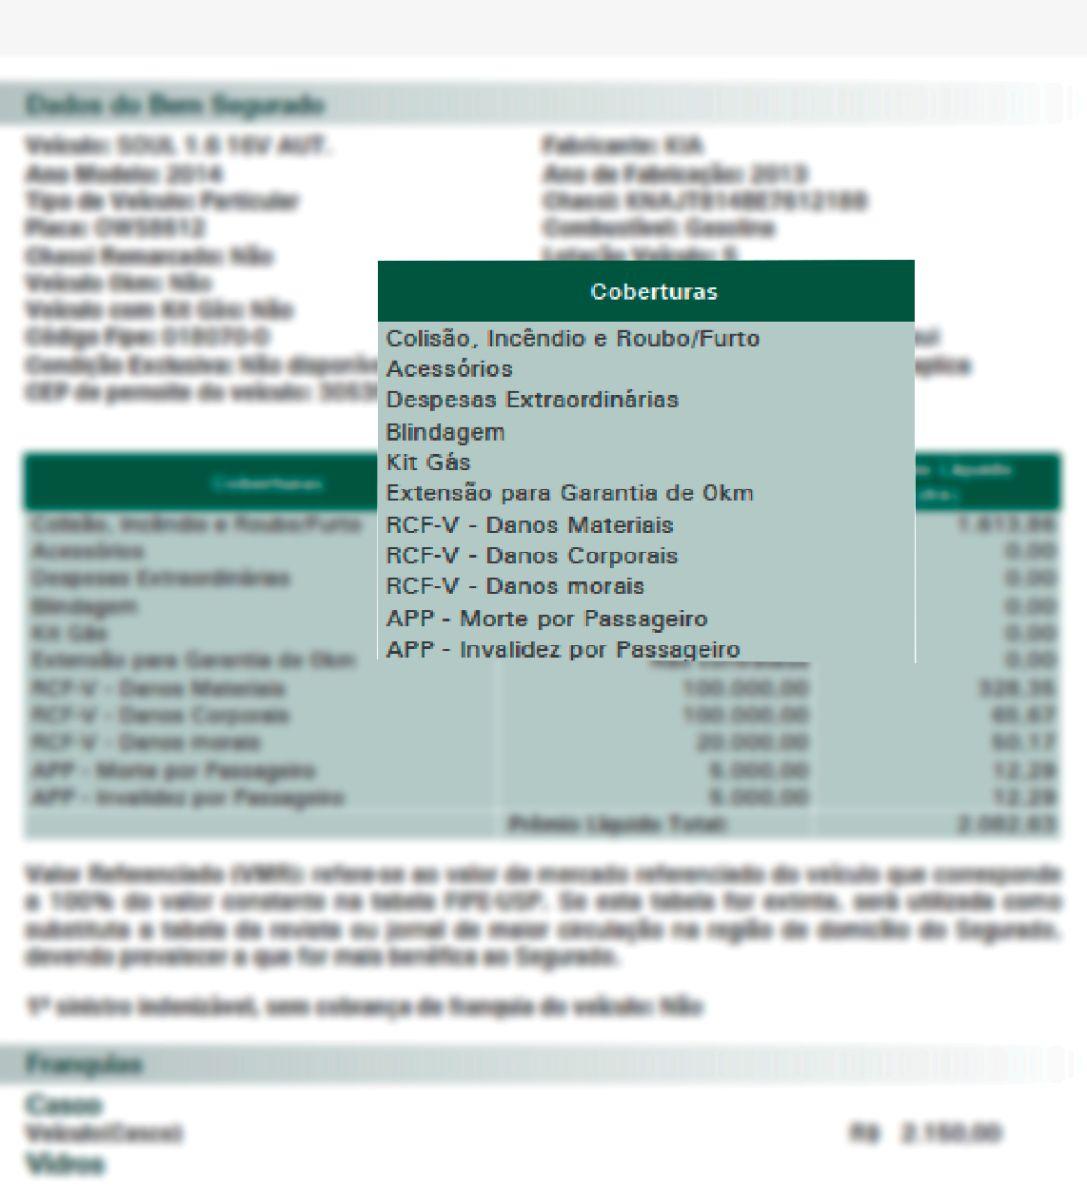 apolice de seguros destaque para coberturas